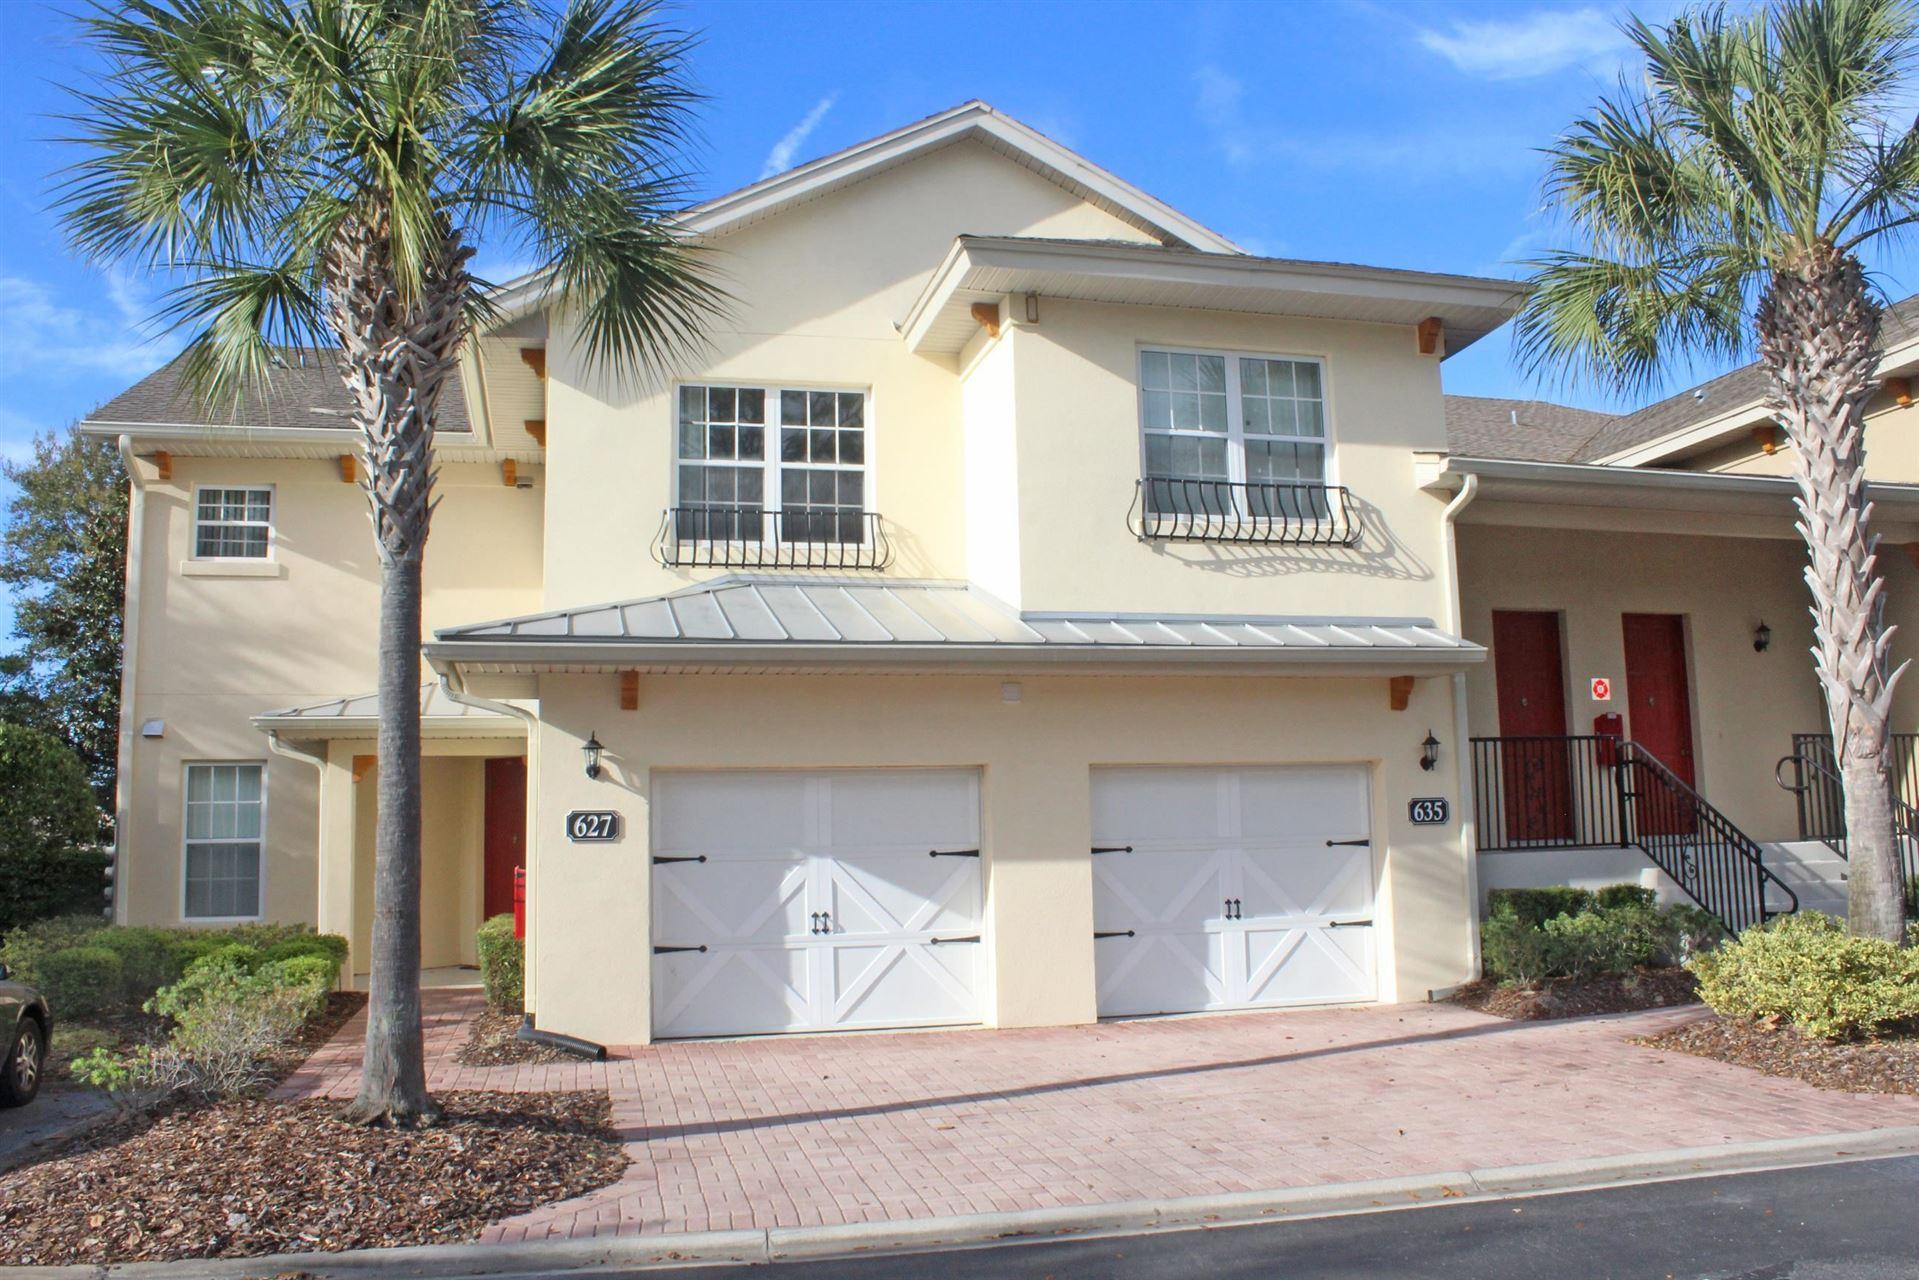 627 Shores Blvd, Saint Augustine, FL 32086 - MLS#: 215734